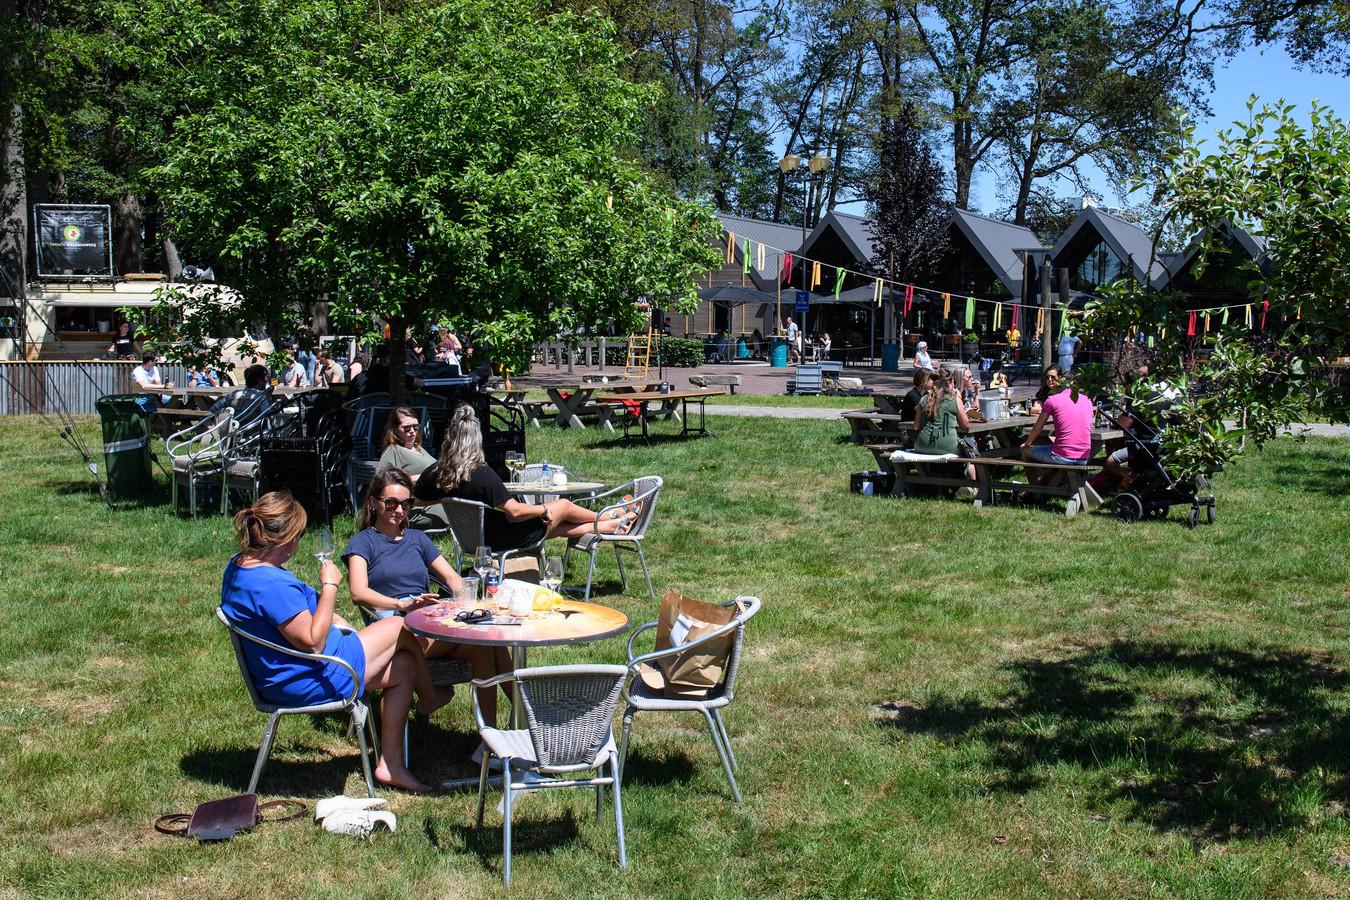 Het terras bij de Twentse Bierbrouwerij in Hengelo wordt druk bezocht deze Tweede Pinksterdag.